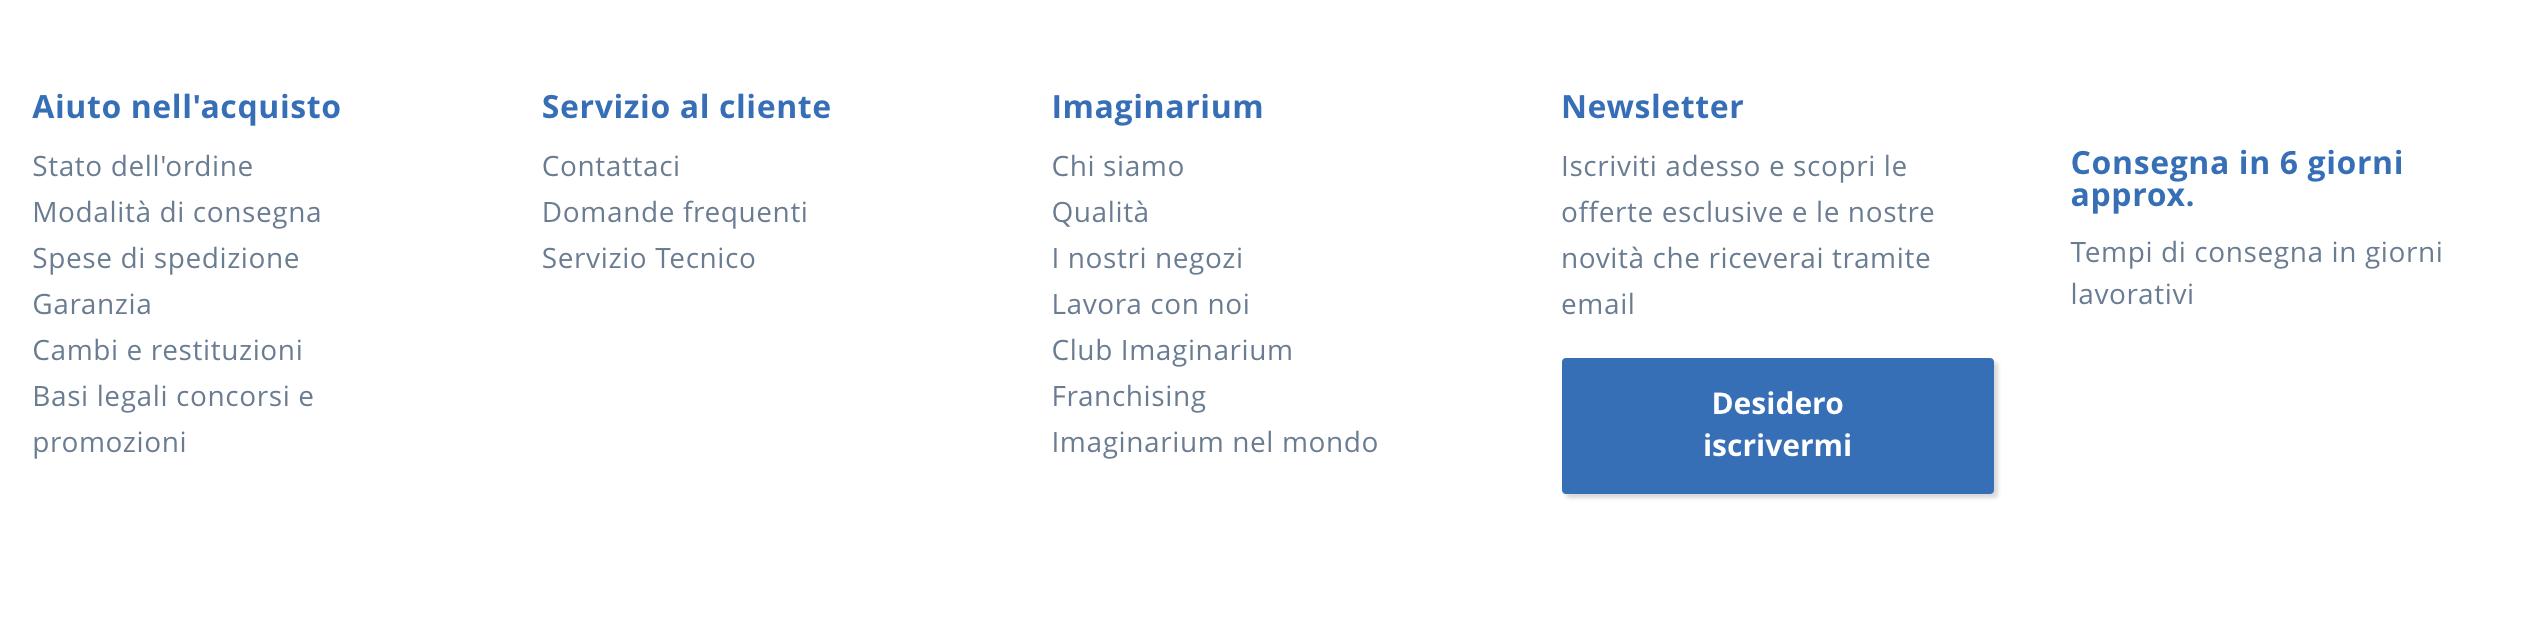 Service Design Imaginarium